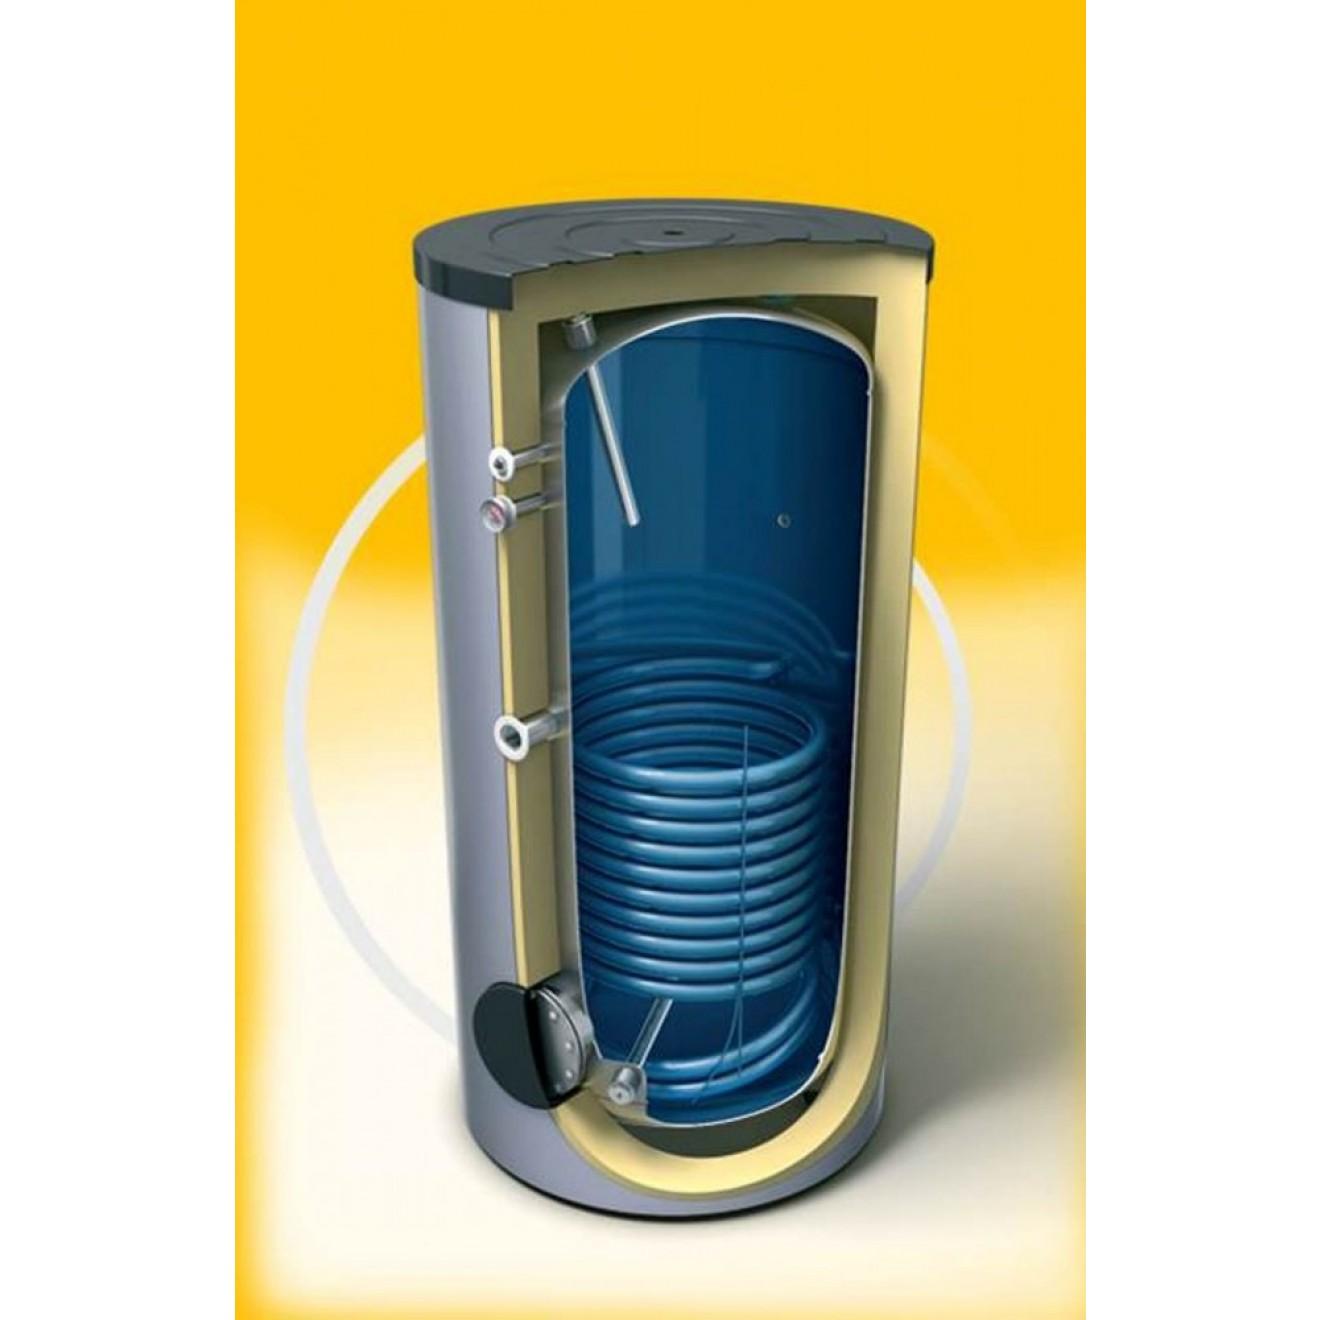 160 200 300 400 500 800 1000 l liter trinkwasserspeicher mit 1wt boiler warmwasserspeicher. Black Bedroom Furniture Sets. Home Design Ideas